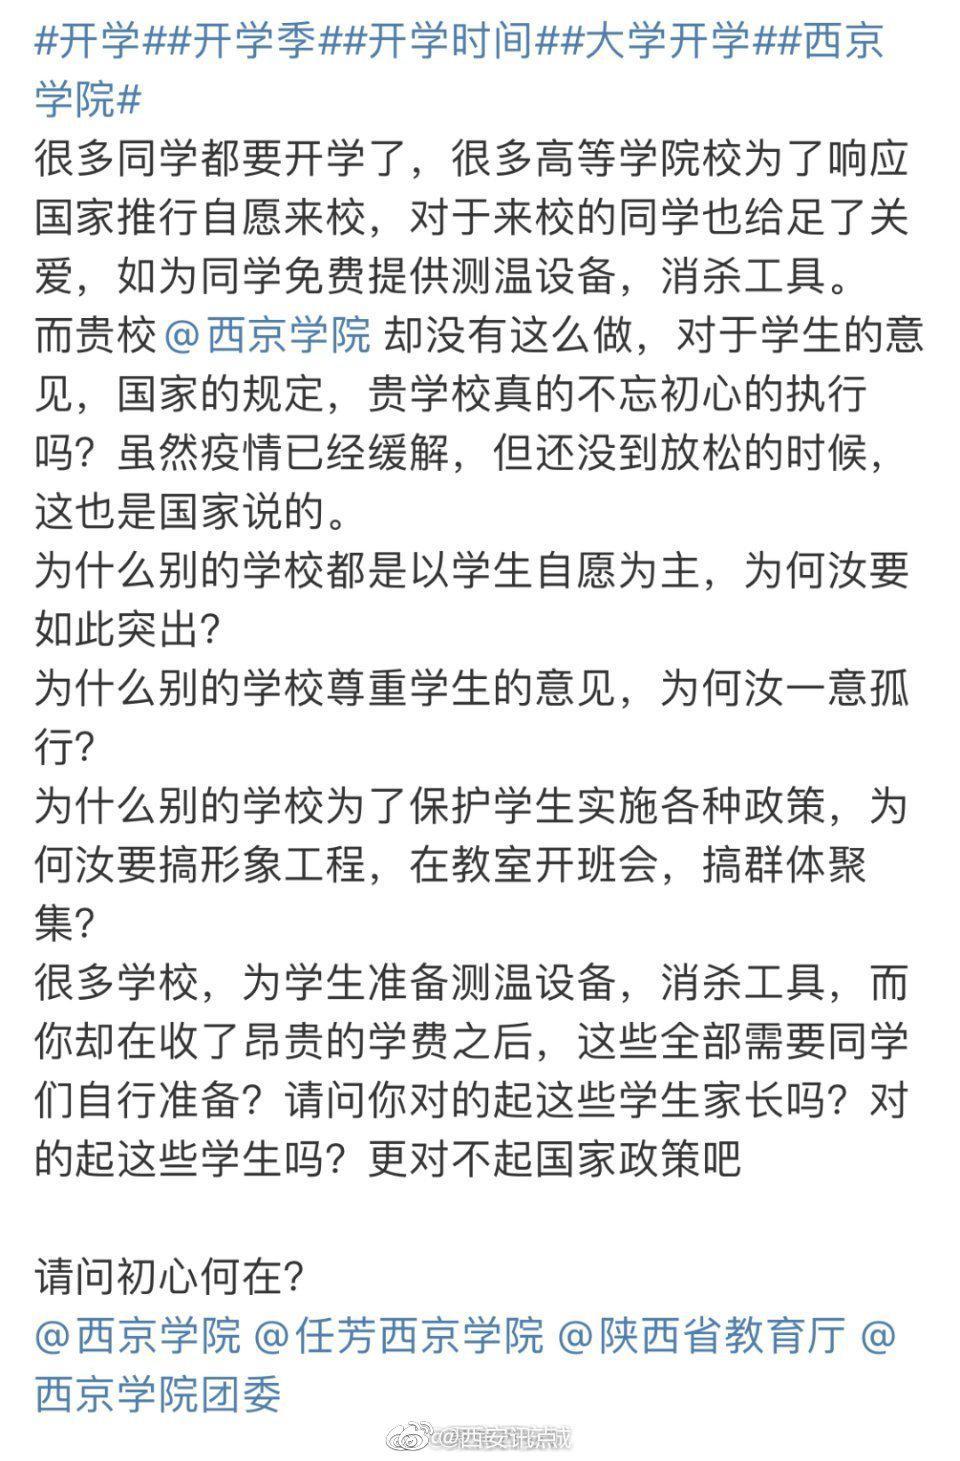 西安 西京学院开学校内安全保护措施不到位 引发学生强烈不满